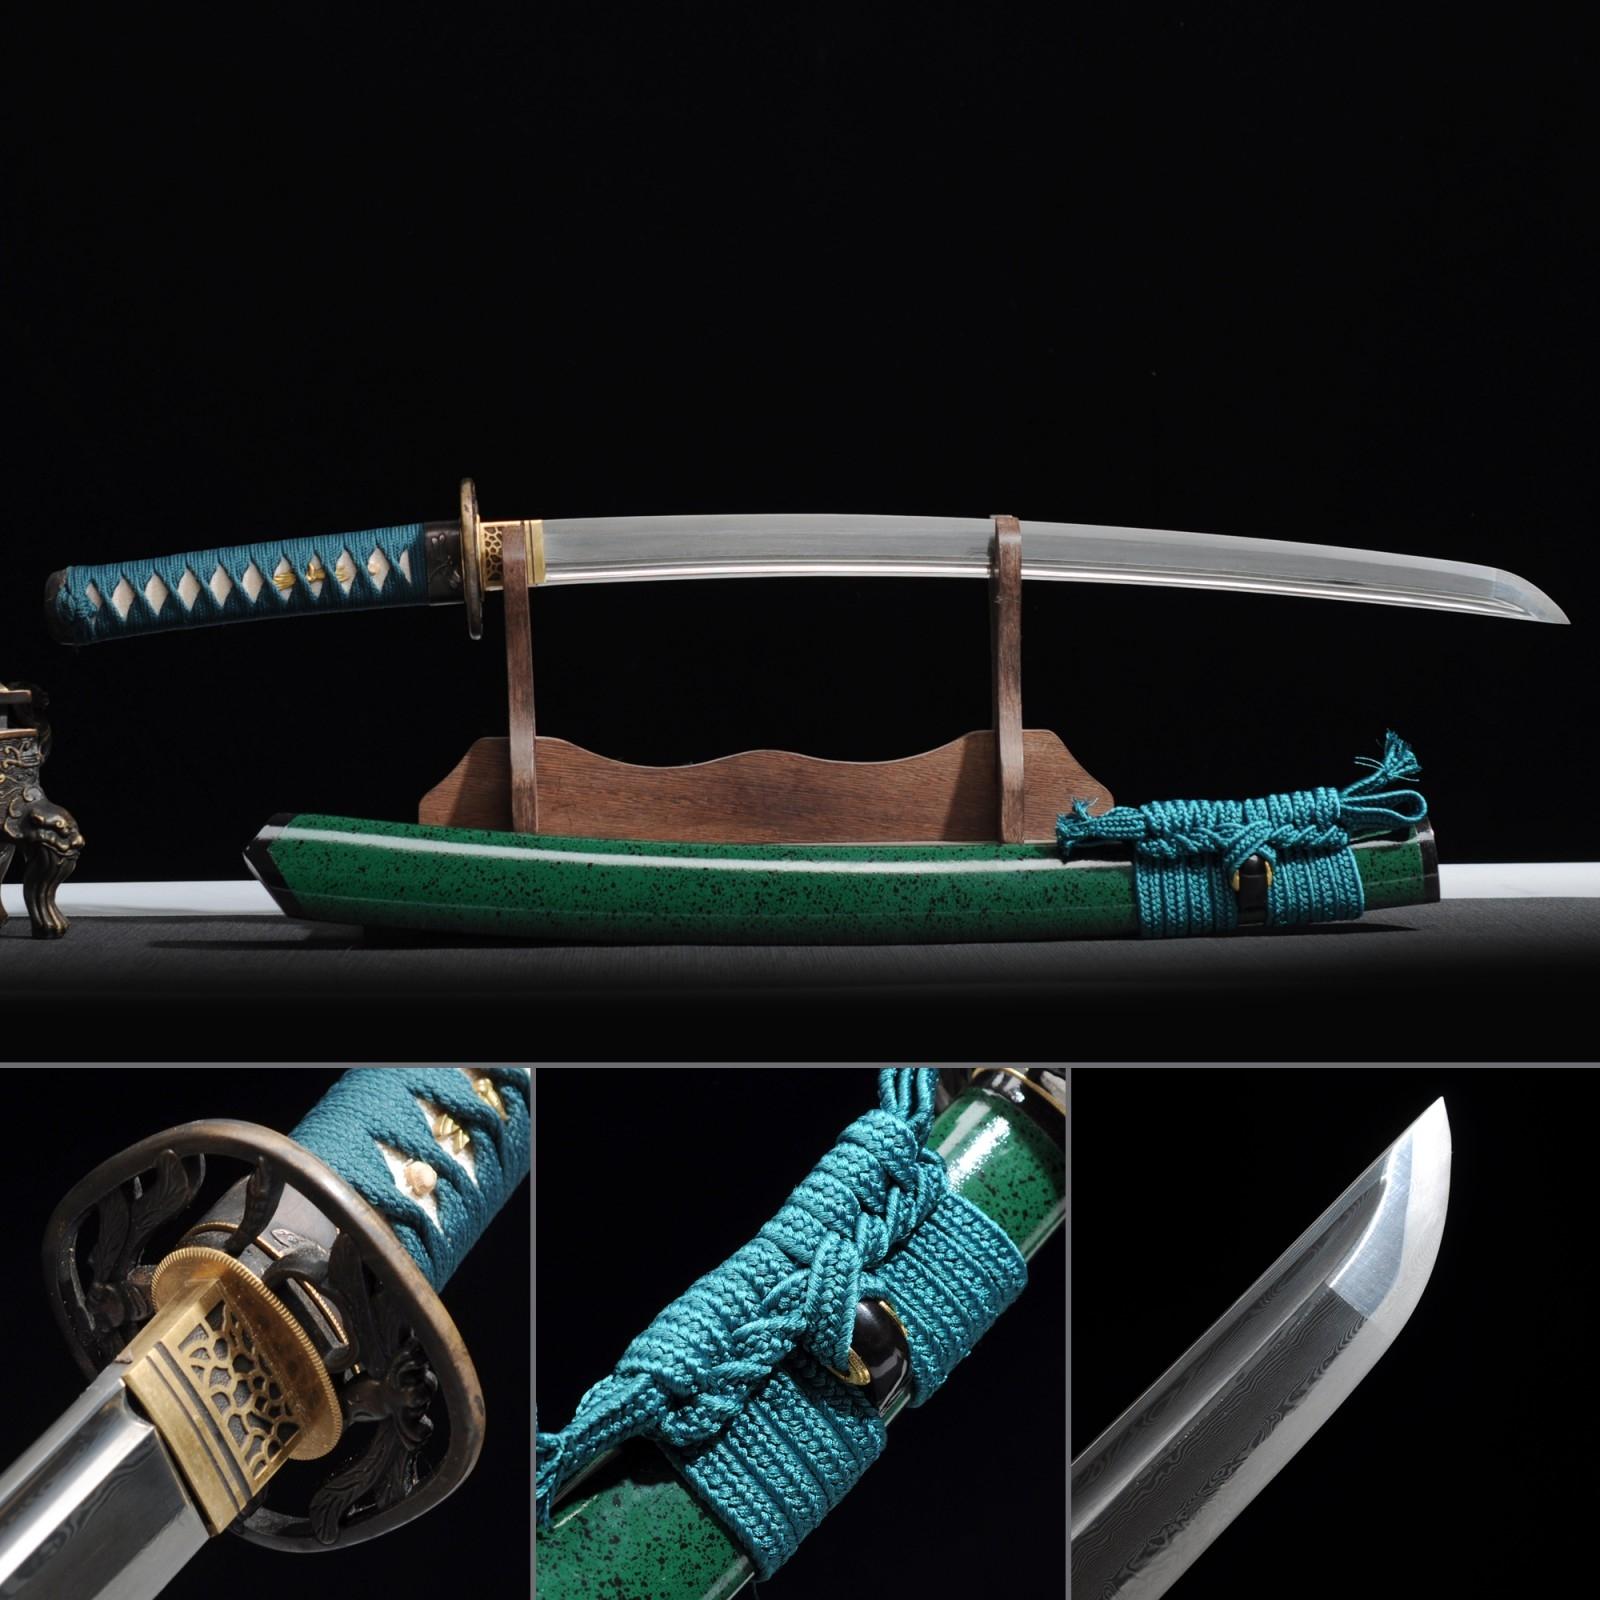 Short Katana, Handmade Wakizashi Sword Damascus Steel With Green Scabbard